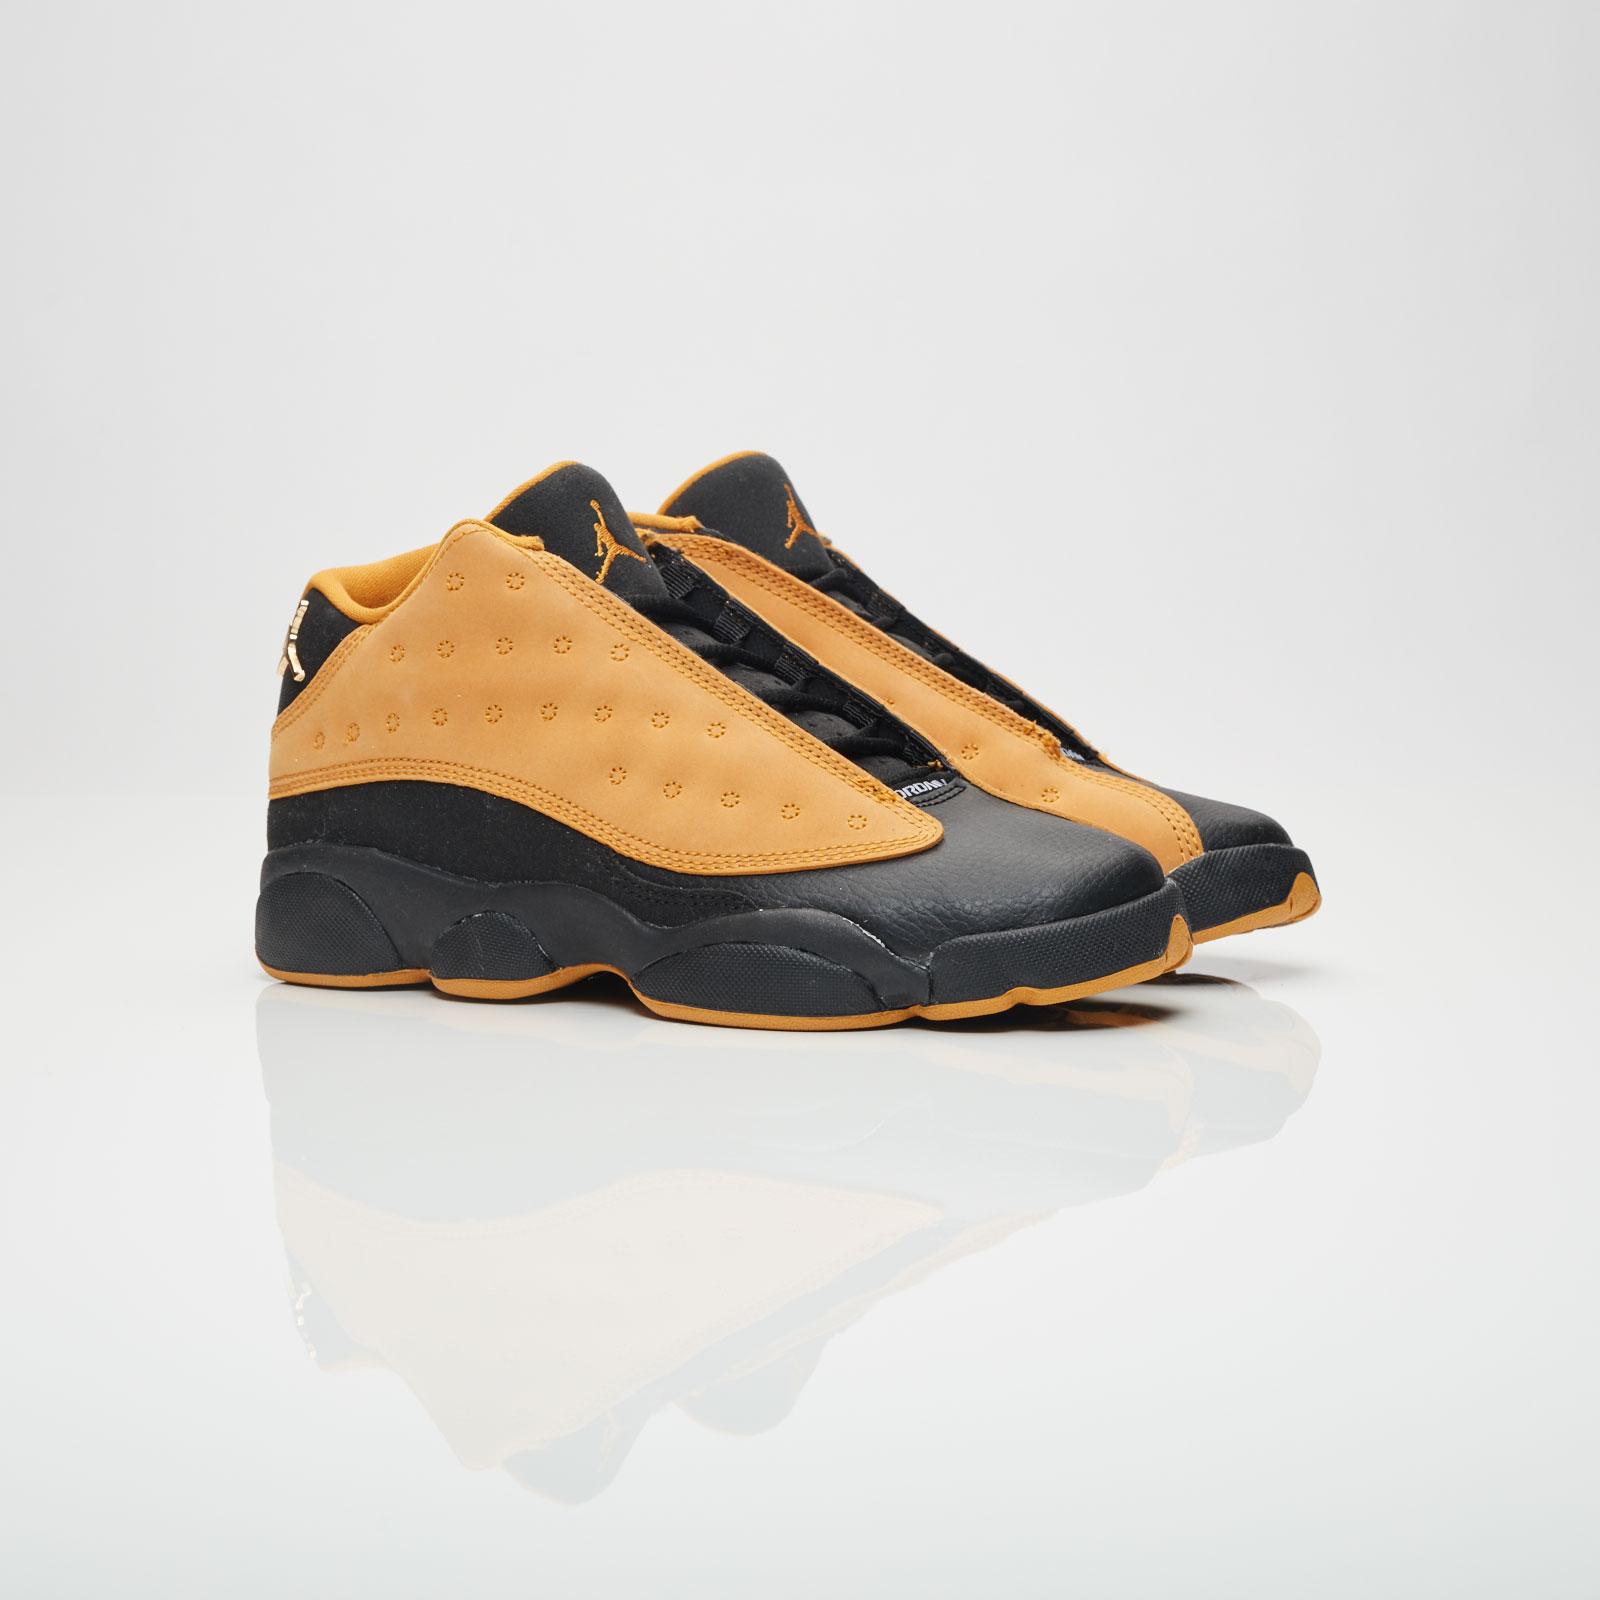 01e5c49b0ba Jordan Brand Air Jordan 13 Retro Low (GS) - 310811-022 ...